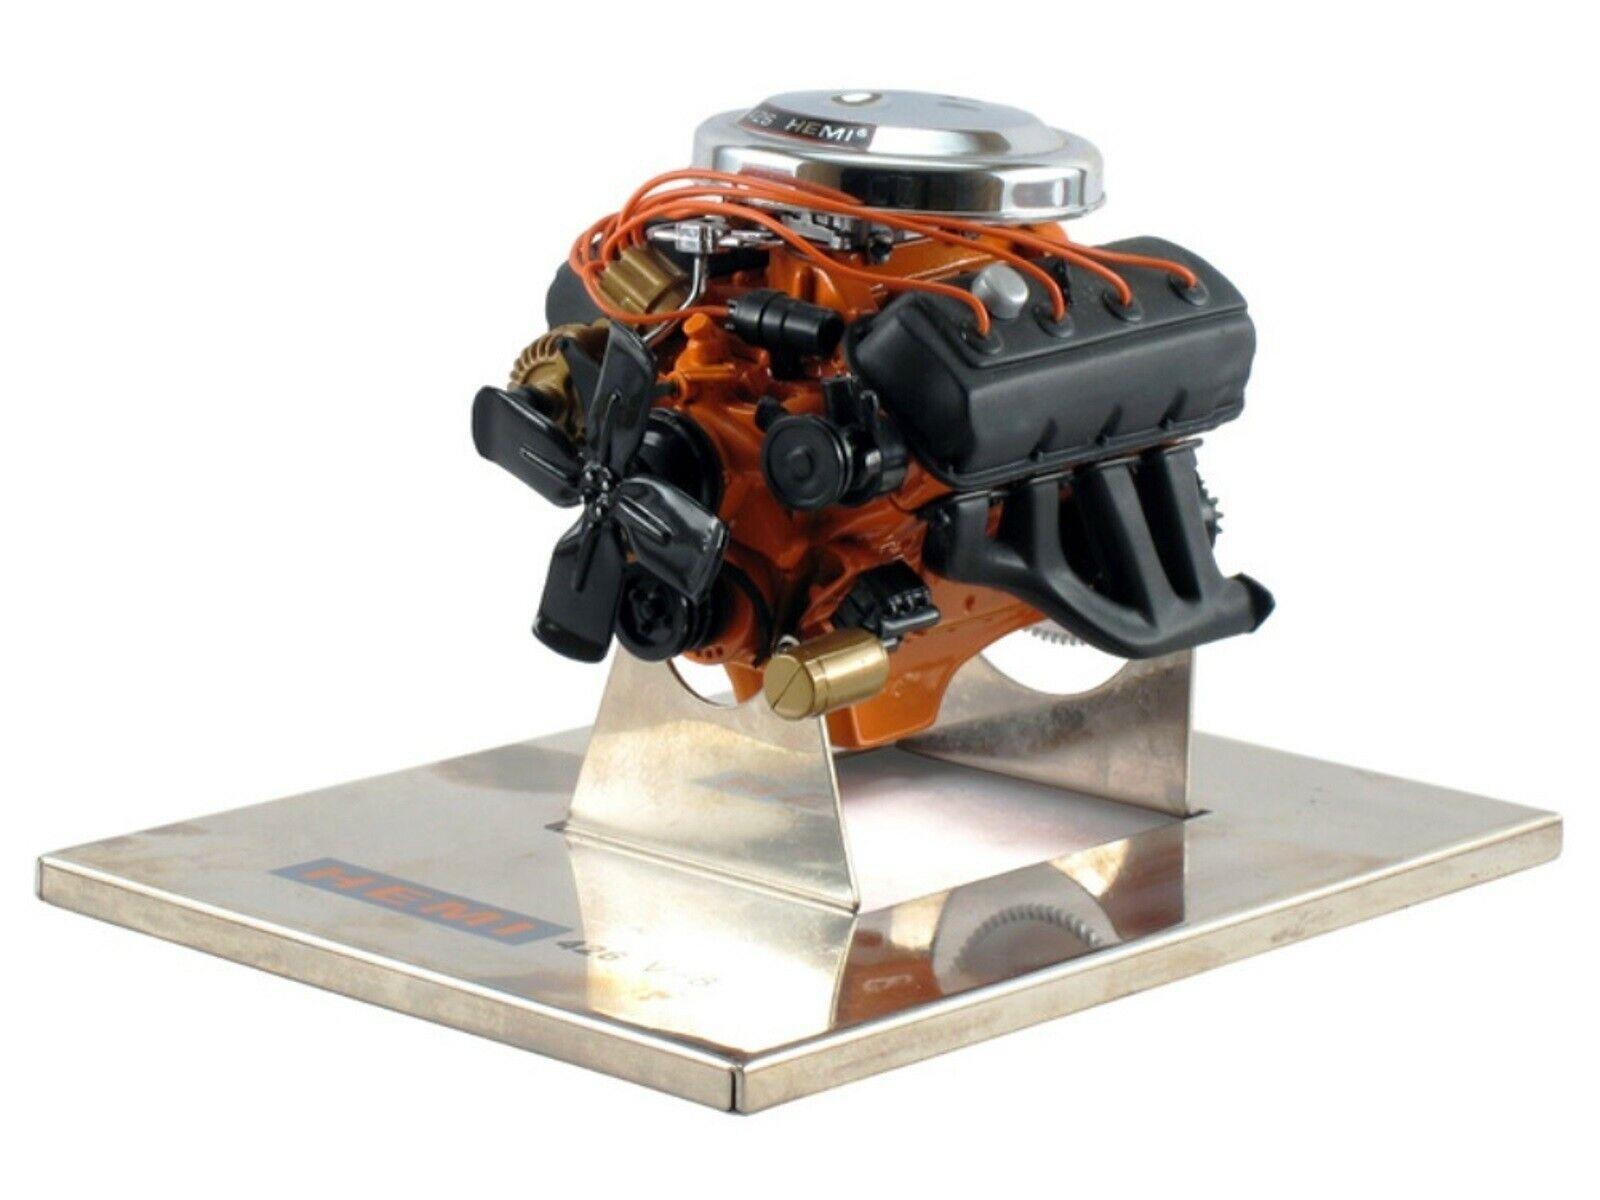 Wow extrêmement rare moteur 1964 CHRYSLER 426 426 426 Hemi 7.0 L V8 425hp 1 12 signature fcf9ed